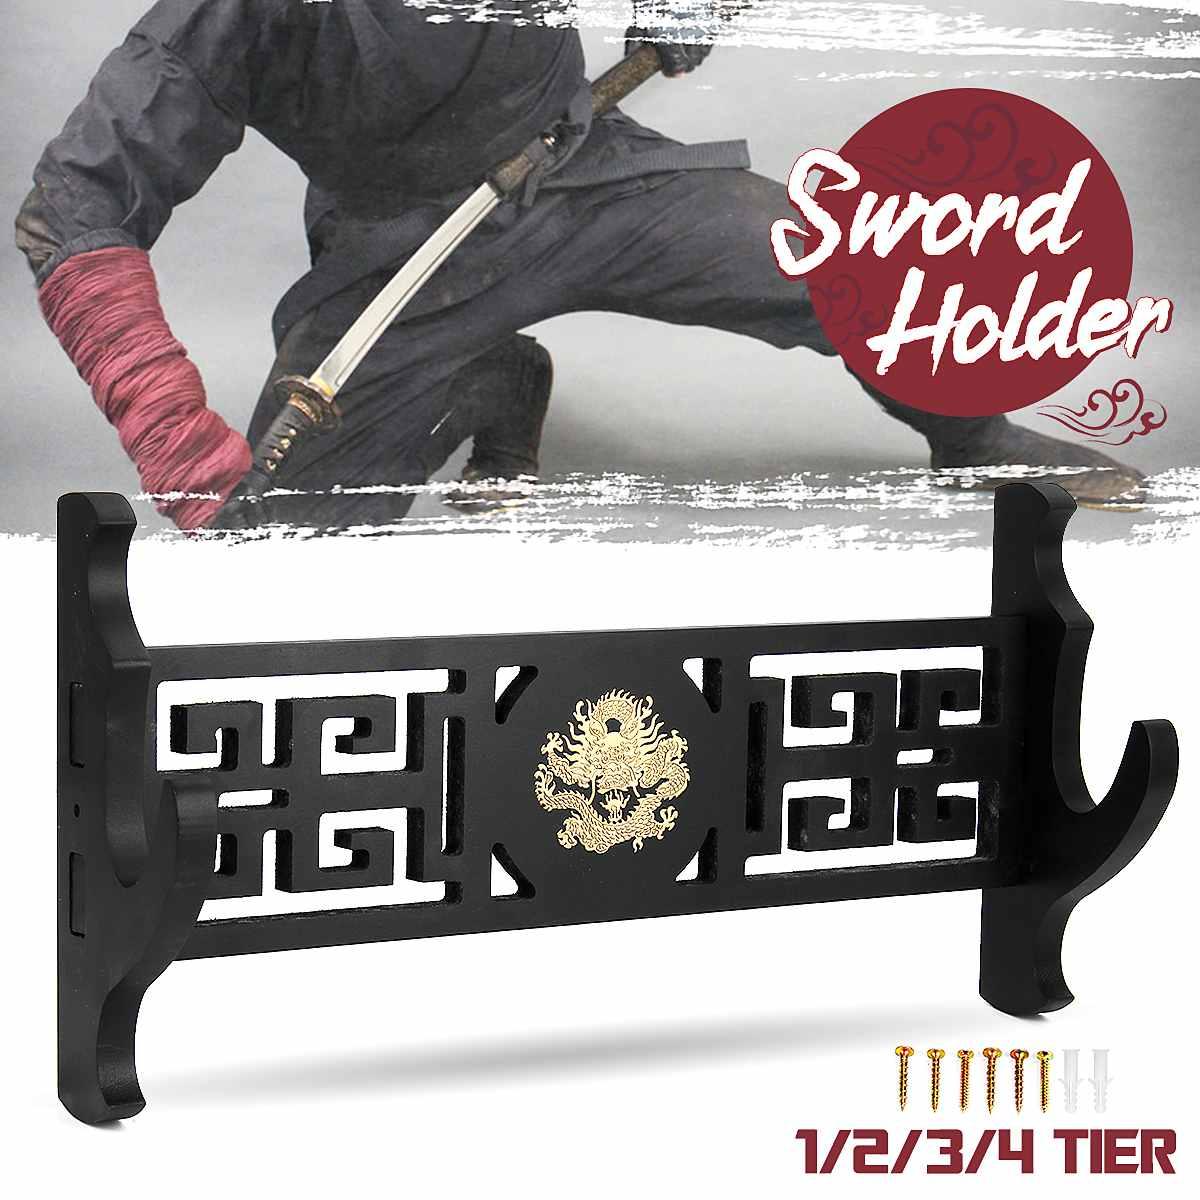 1/2/3/4 Layer Samurai Zwaard Houder Wall Mount Dragon Japanse Samurai Zwaard Katana Houder Stand hanger Beugel Rack Display-in Zwaarden van Huis & Tuin op title=